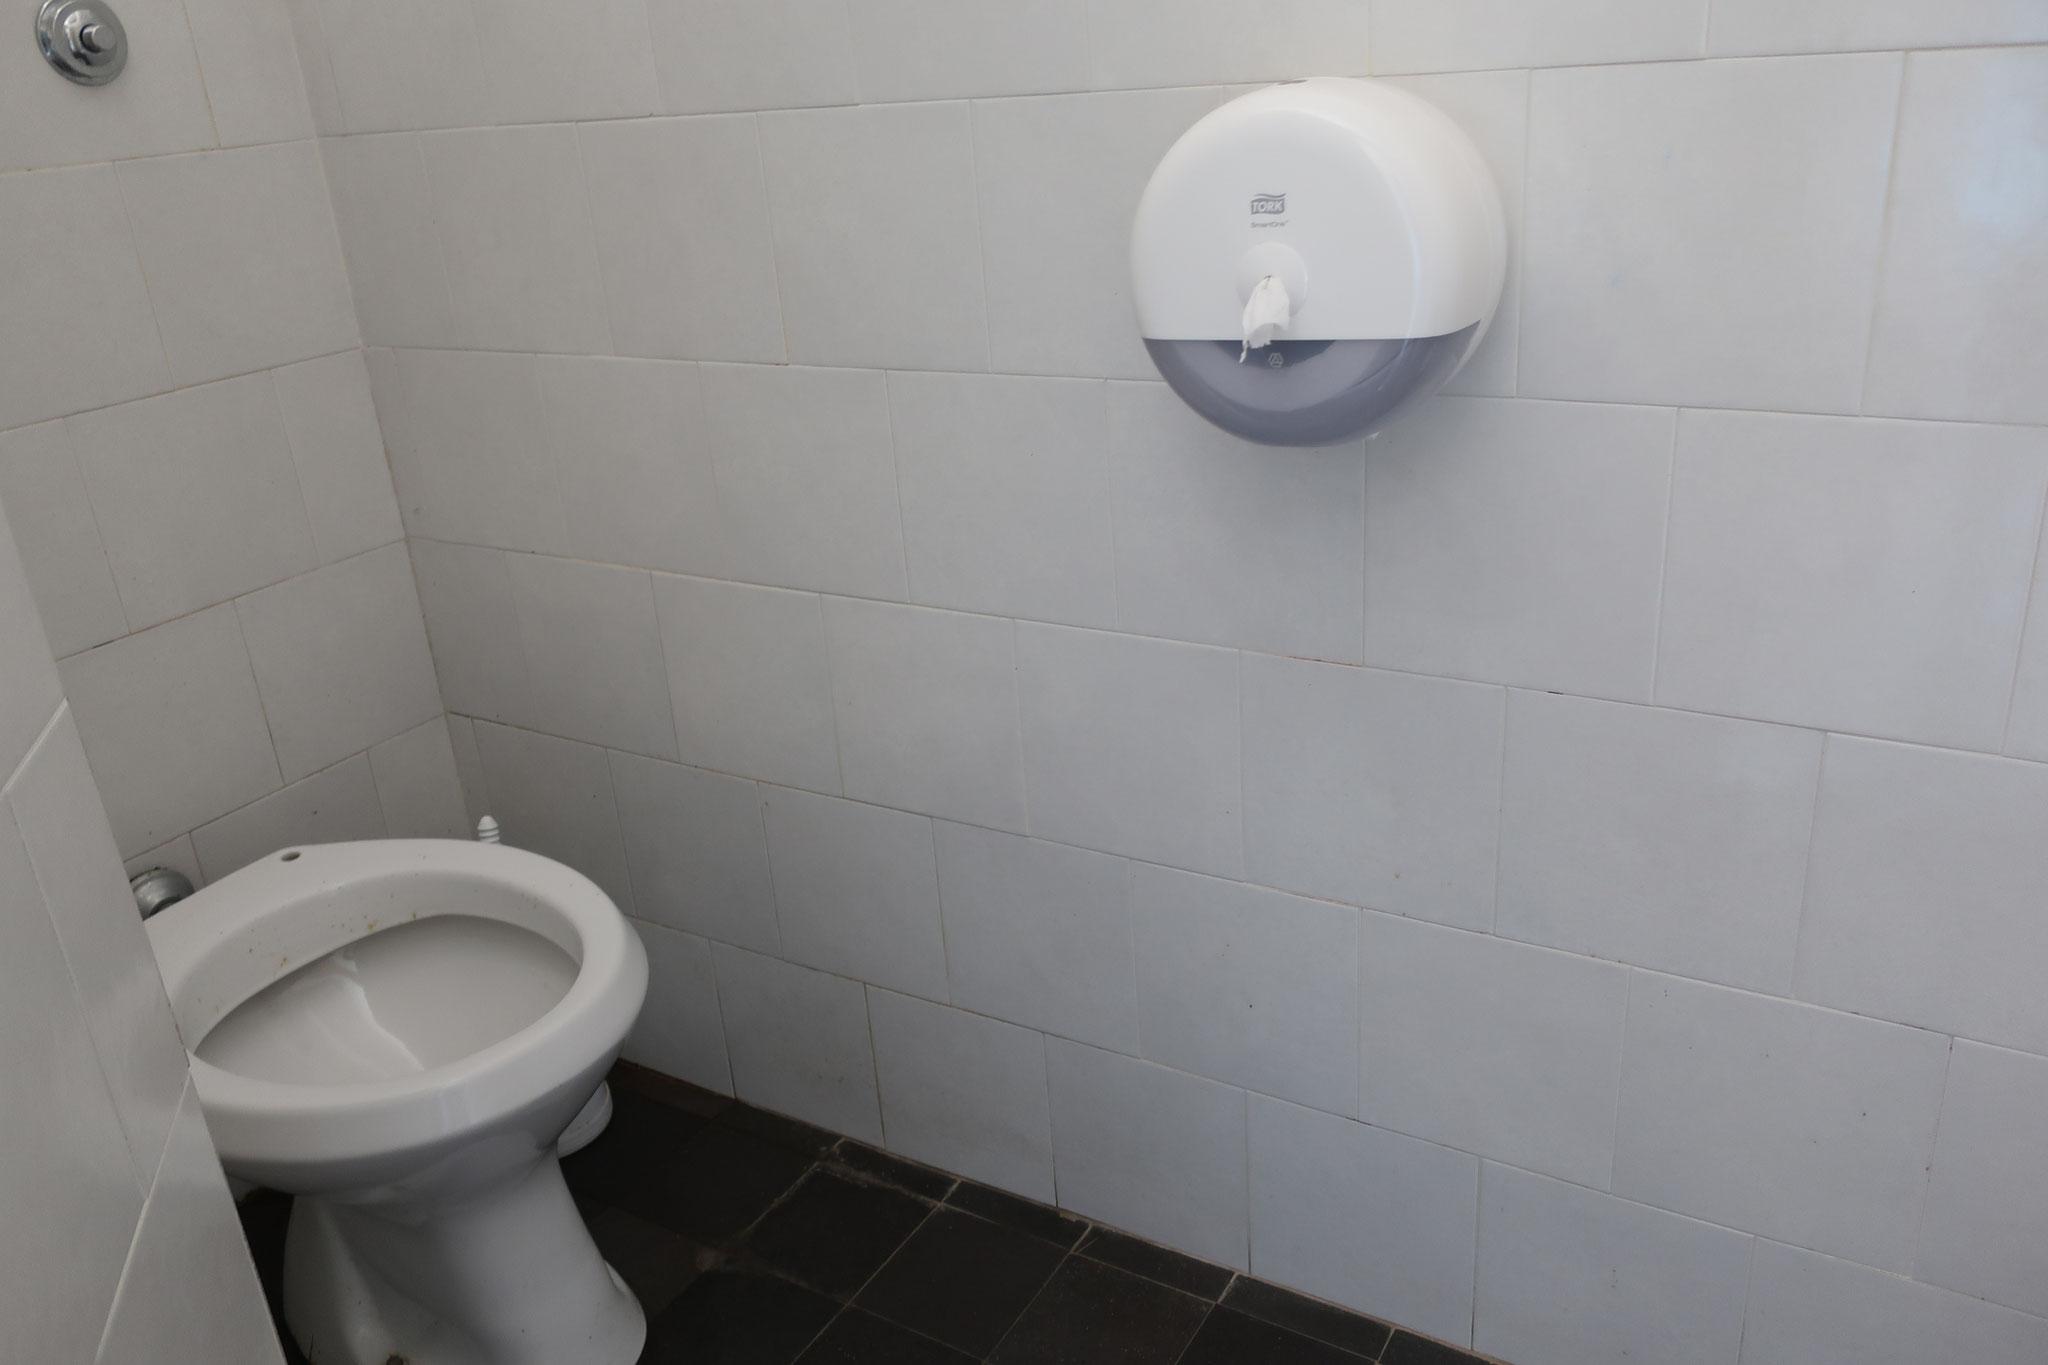 ガイドツアーは30分ほどですがお手洗いもお済ませくださいね